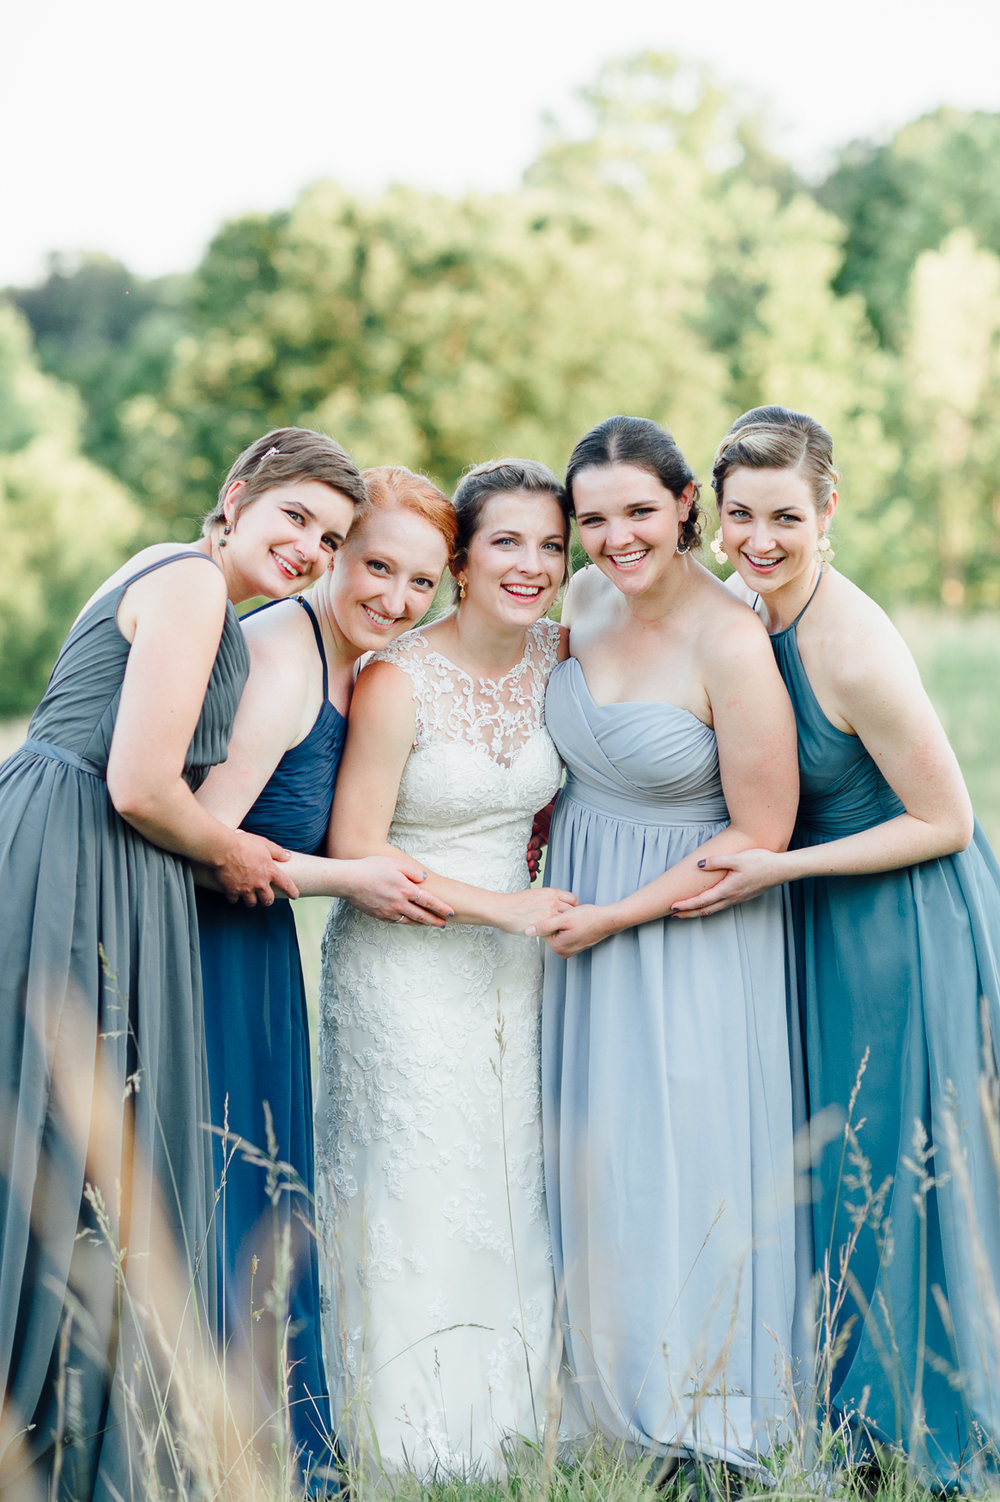 charlottesvillewedding_backyardwedding_virginia_youseephotography_CaitlinDerek (89).jpg